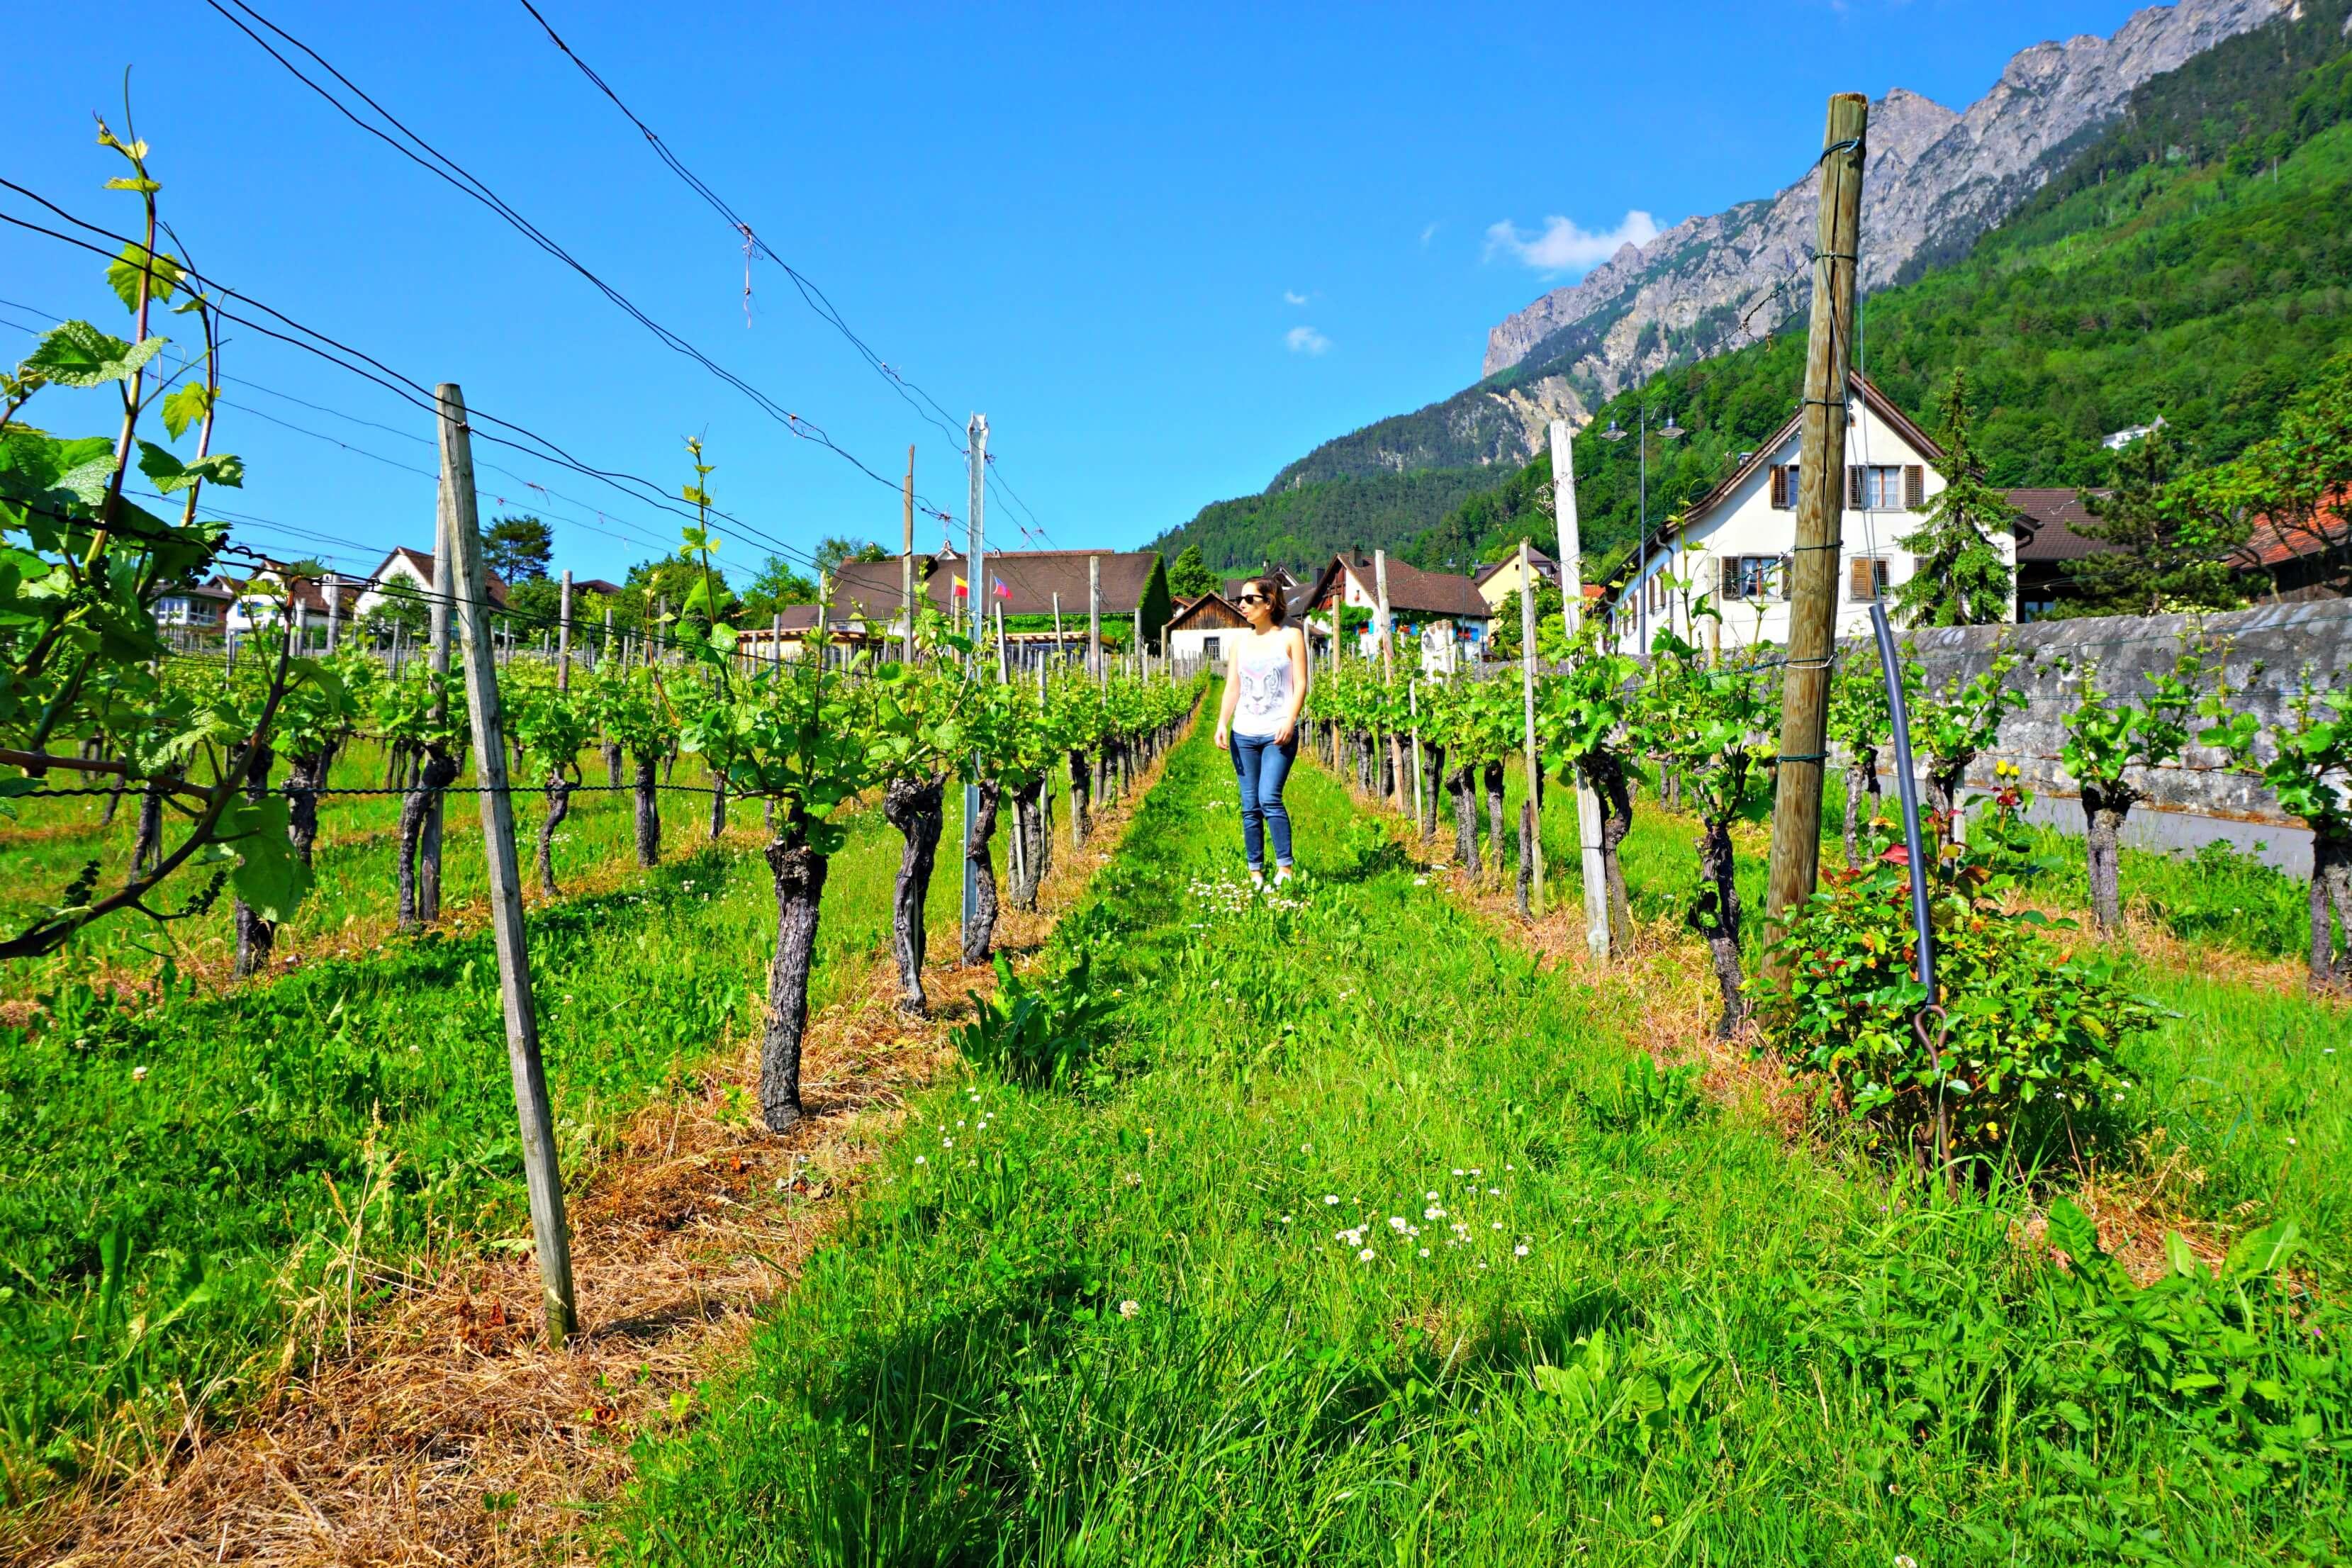 A day trip to Vaduz, Liechtenstein